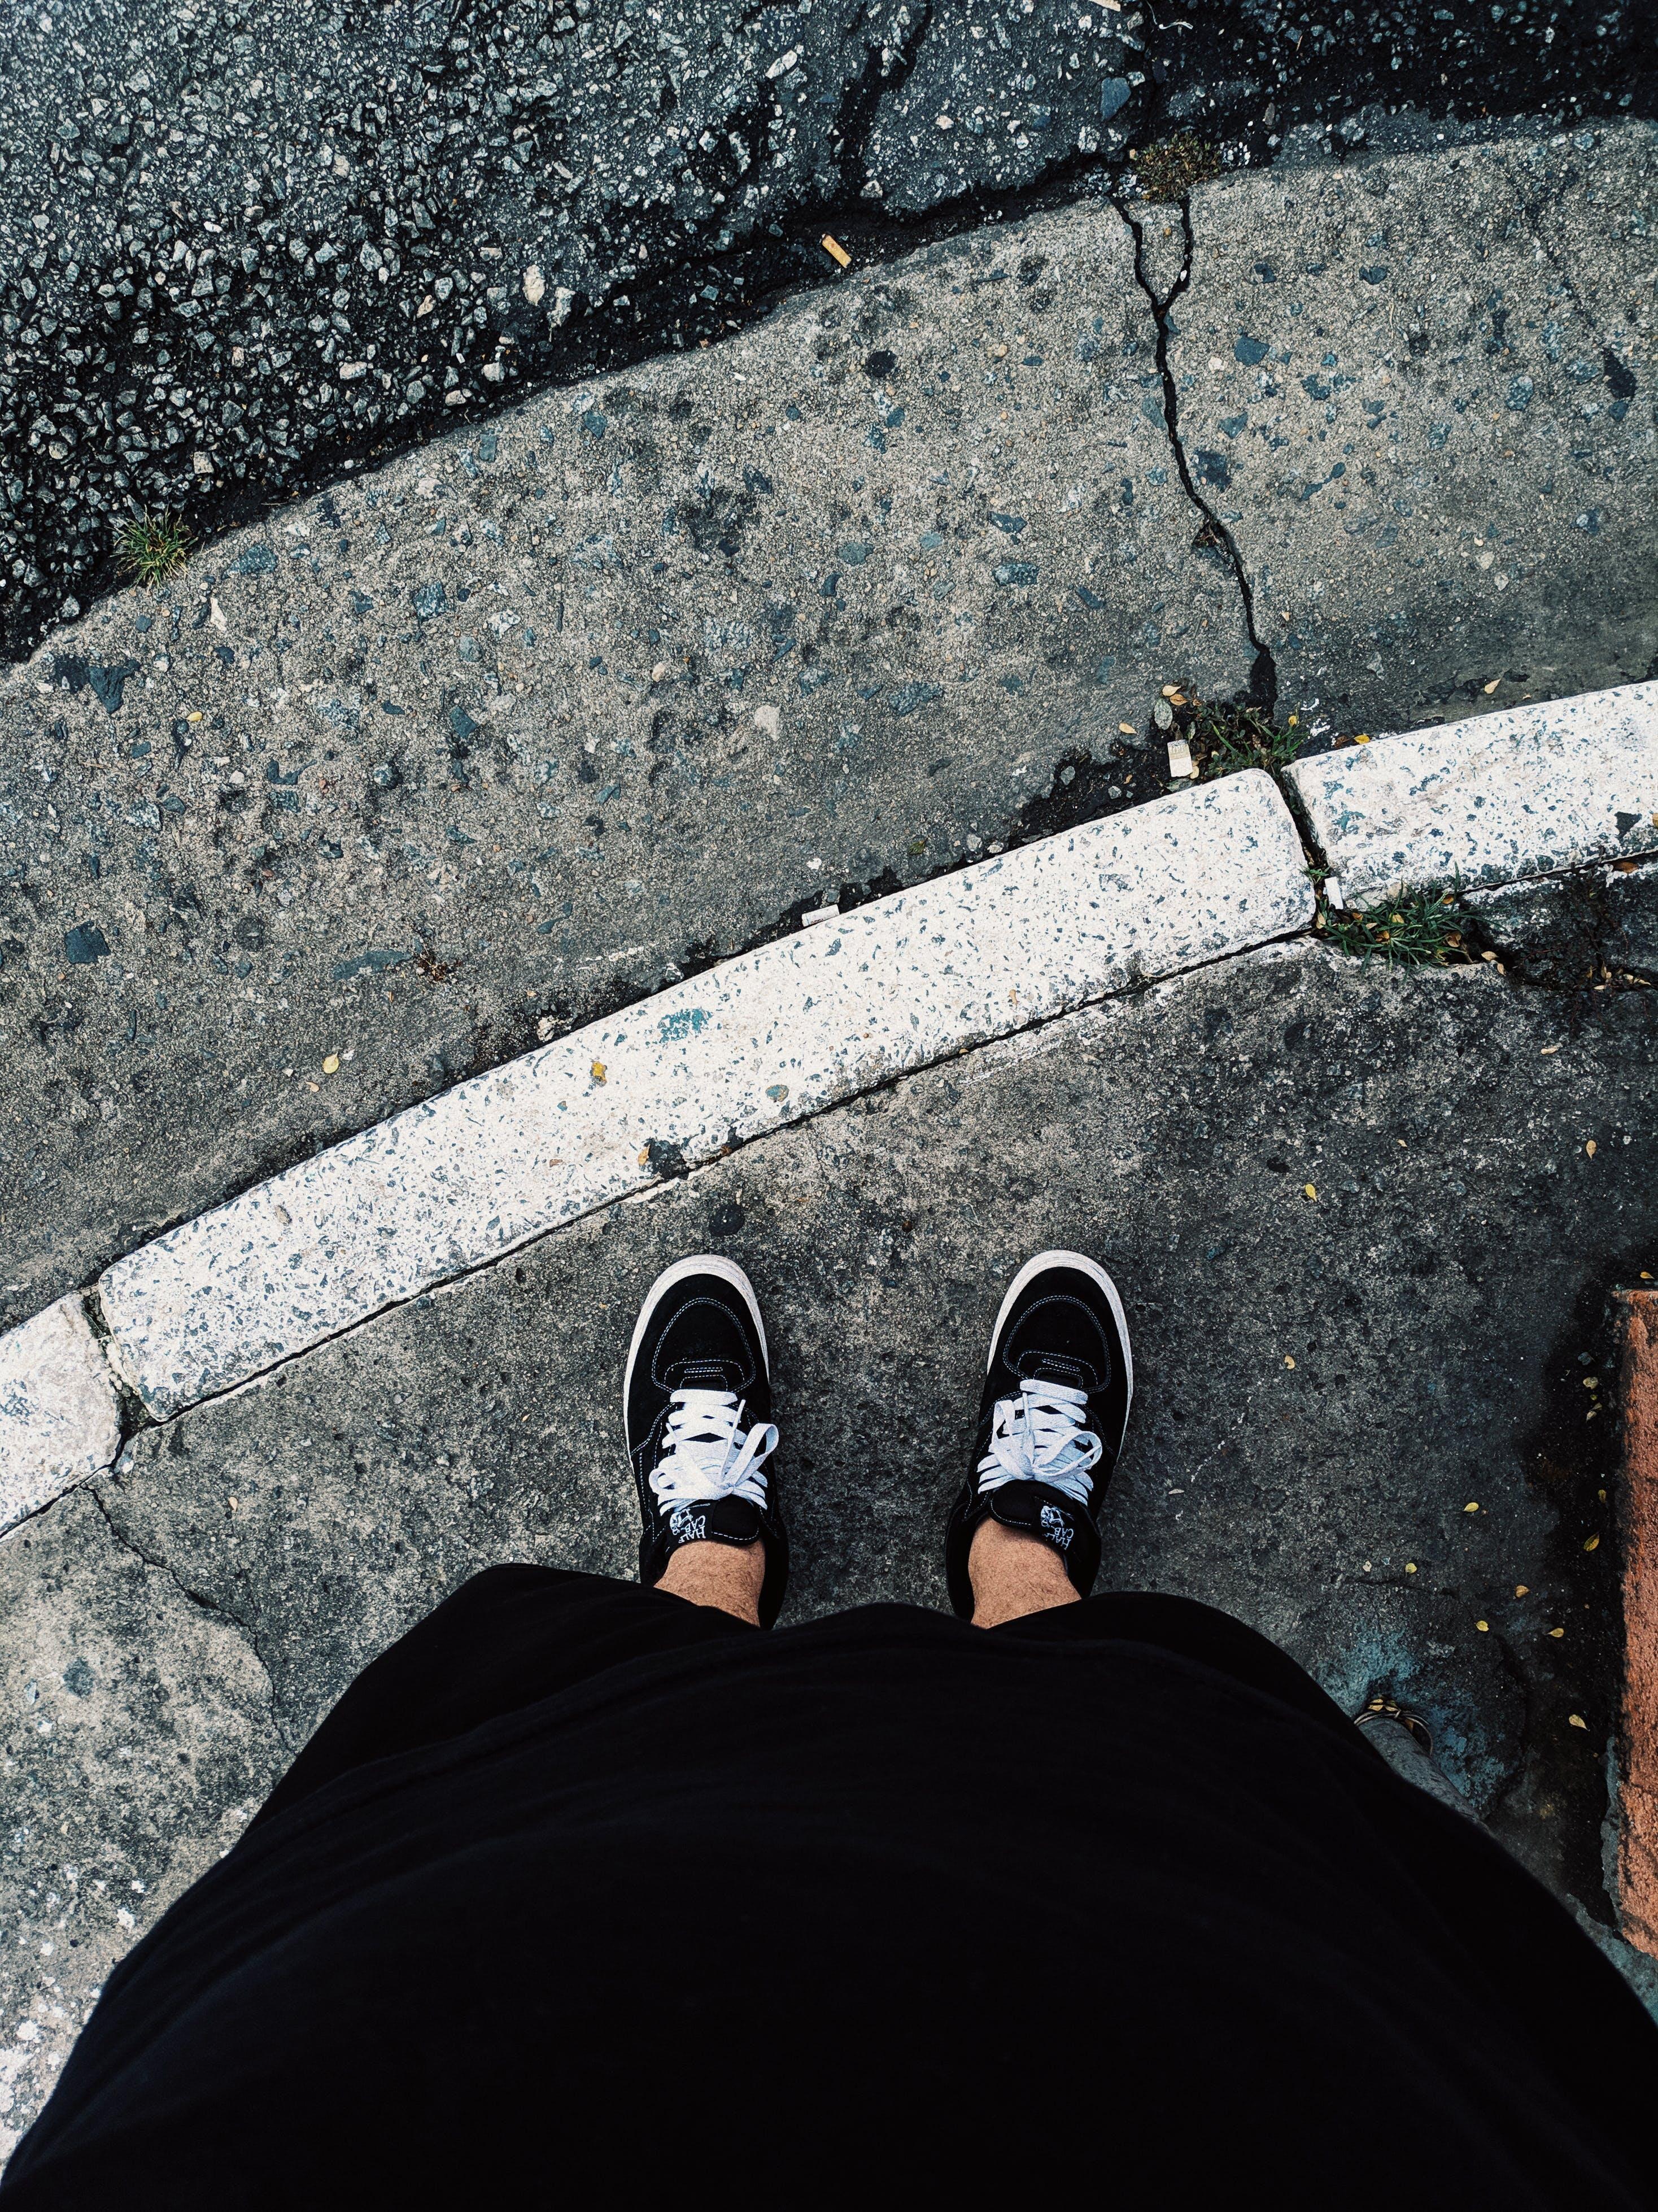 Δωρεάν στοκ φωτογραφιών με αθλητικά παπούτσια, πατούσες, πεζοδρόμιο, υποδήματα